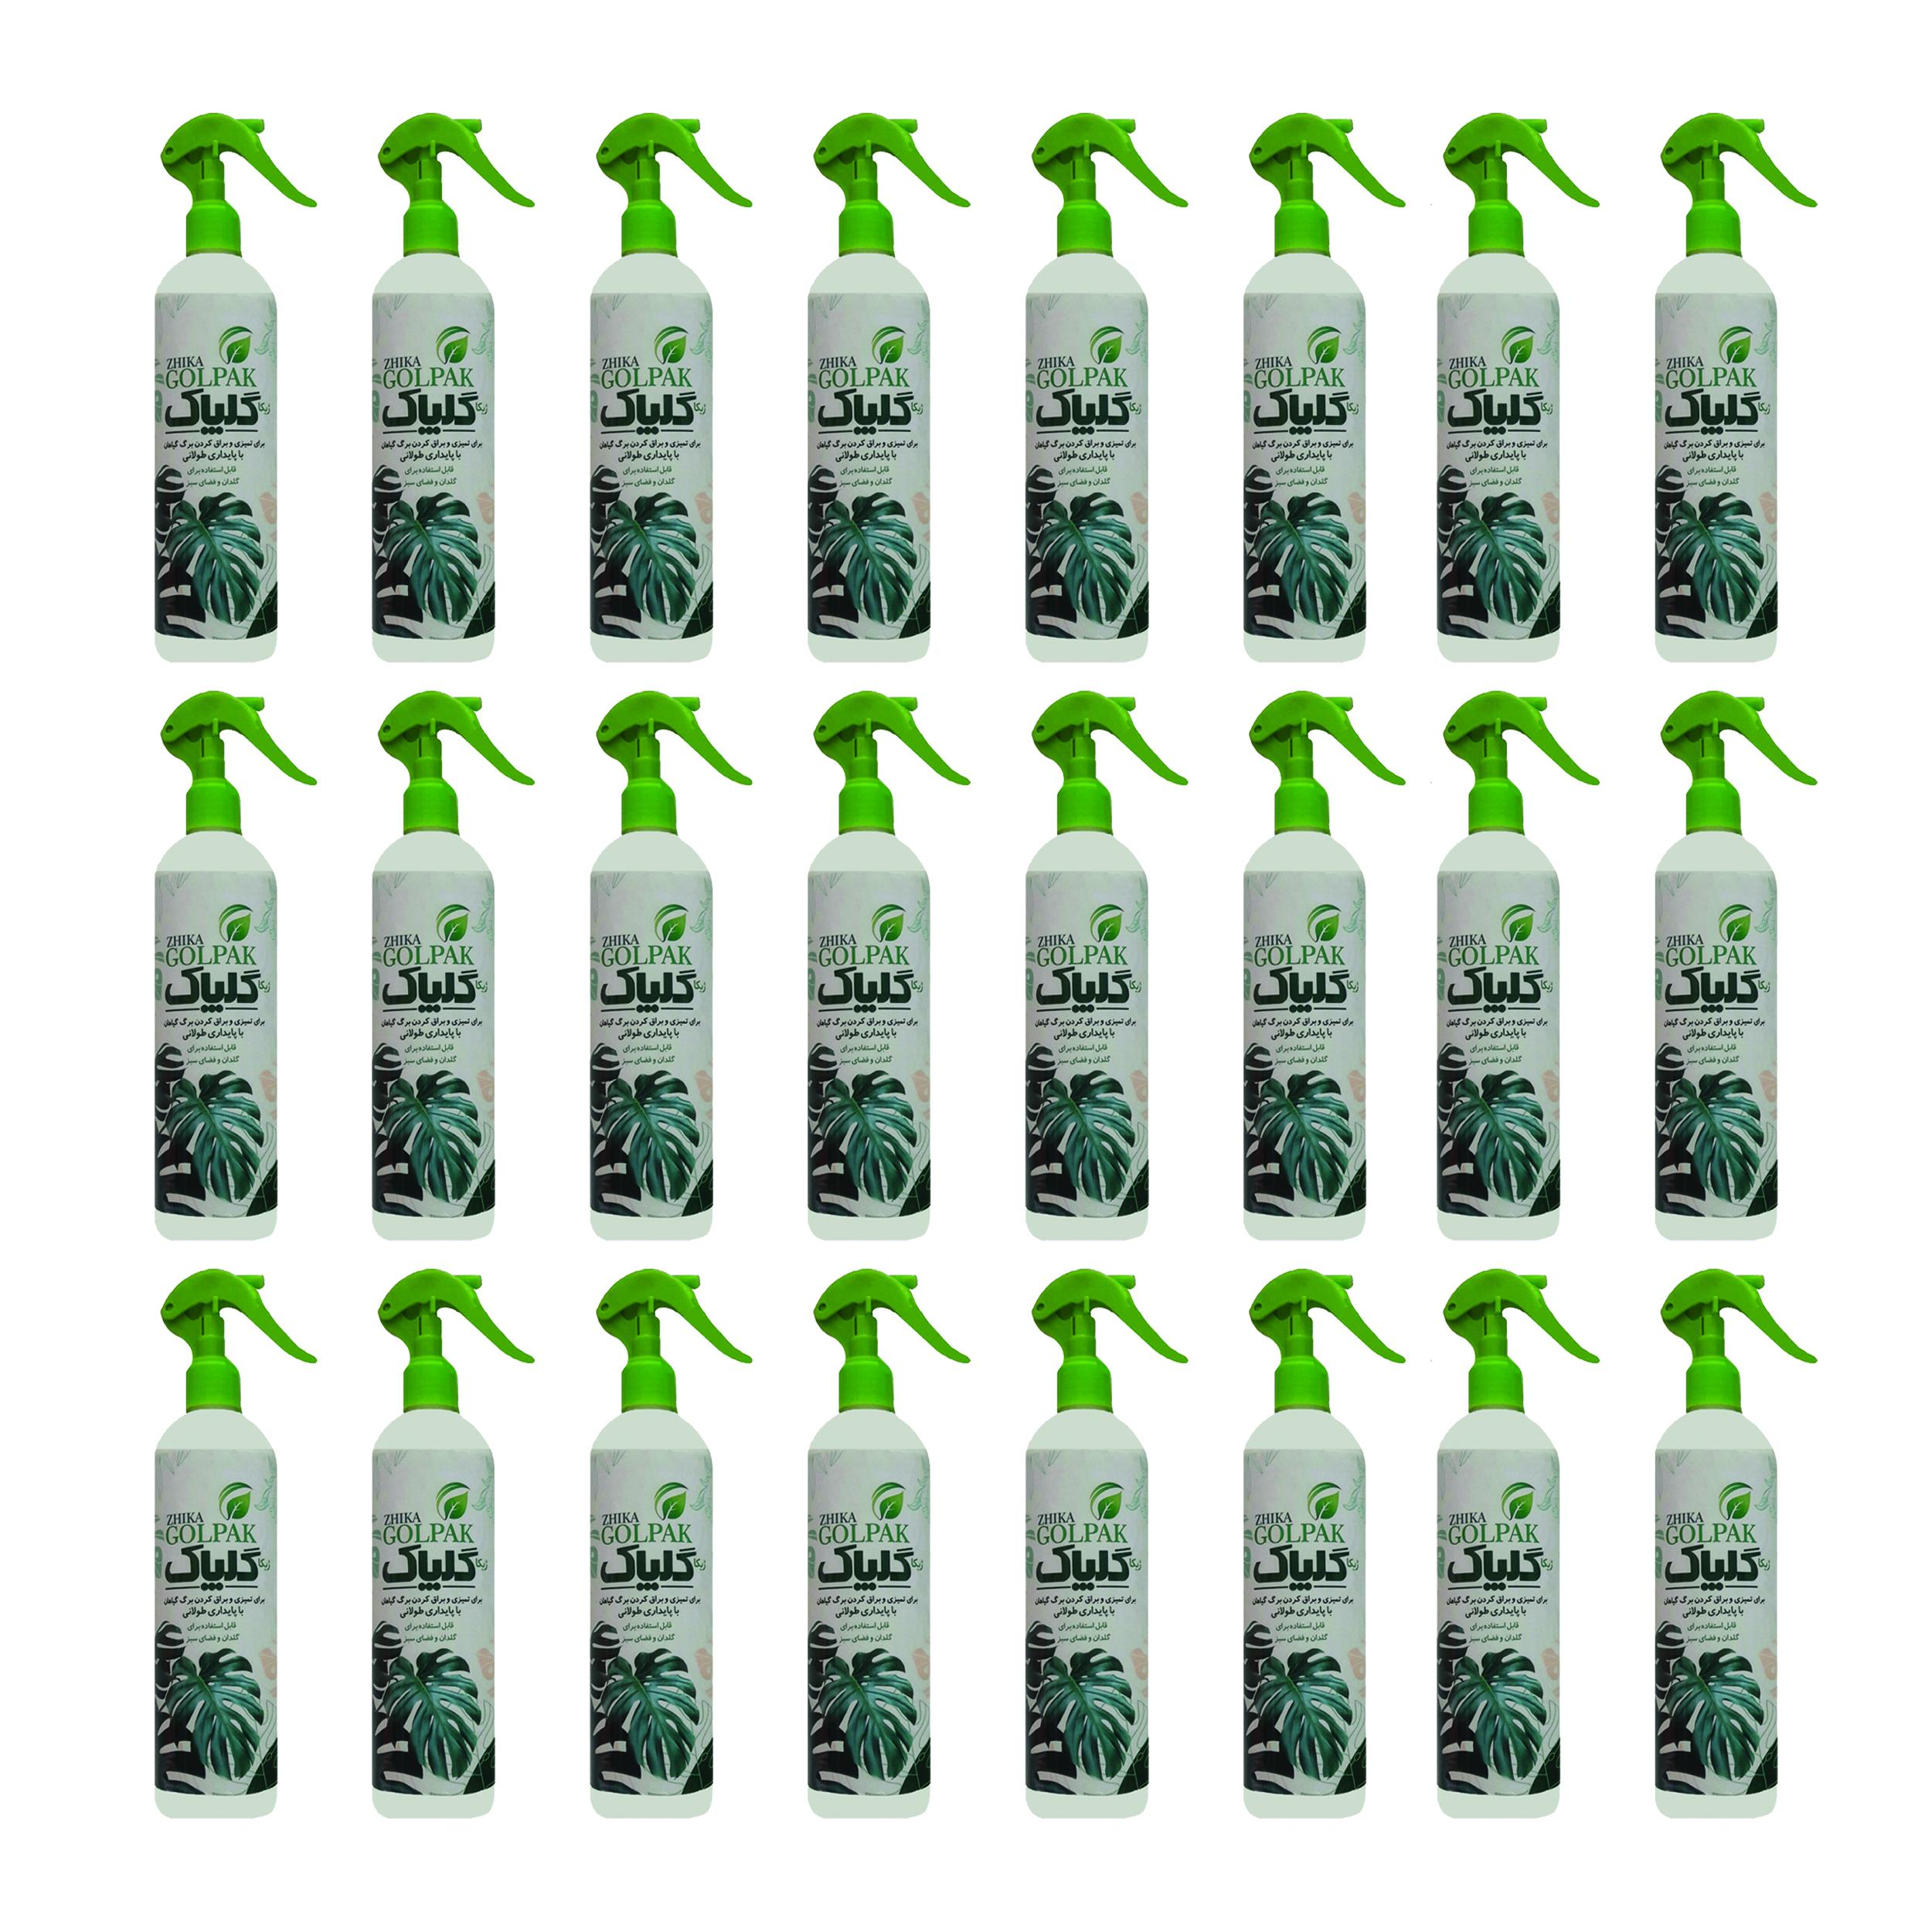 اسپری براق کننده گیاهان ژیکا مدل گلپاک حجم ۴۰۰ میلی لیتر بسته ۲۴ عددی